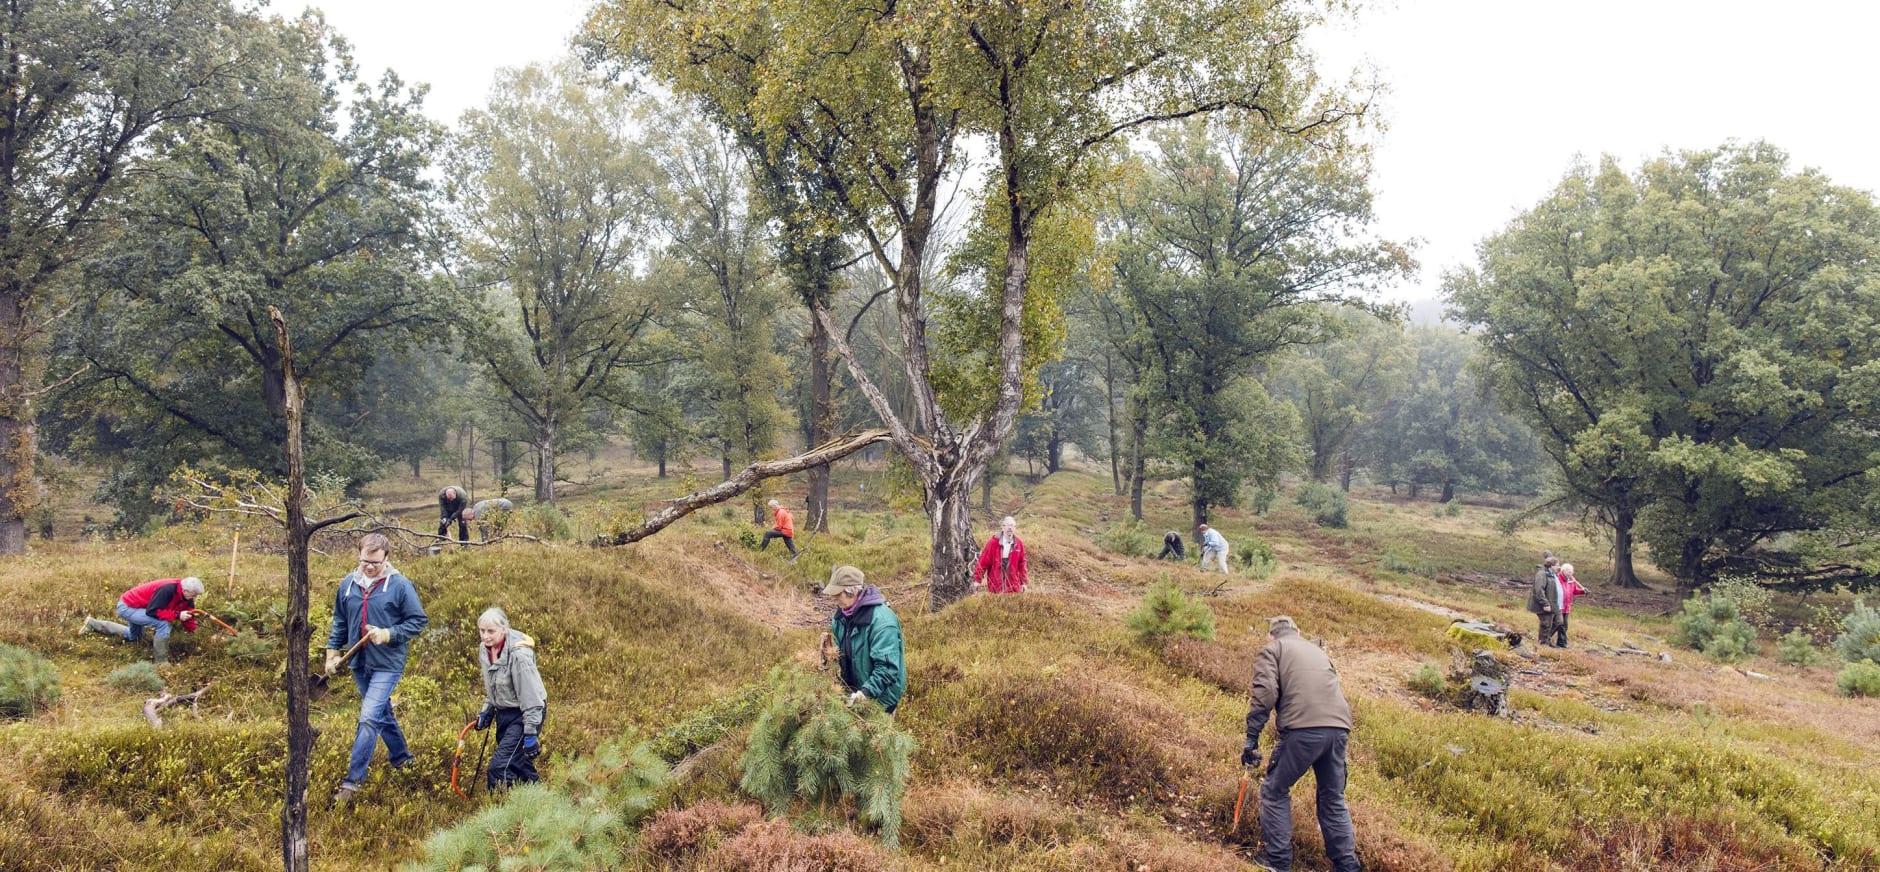 Vacature vrijwilliger natuurbeheer Planken Wambuis